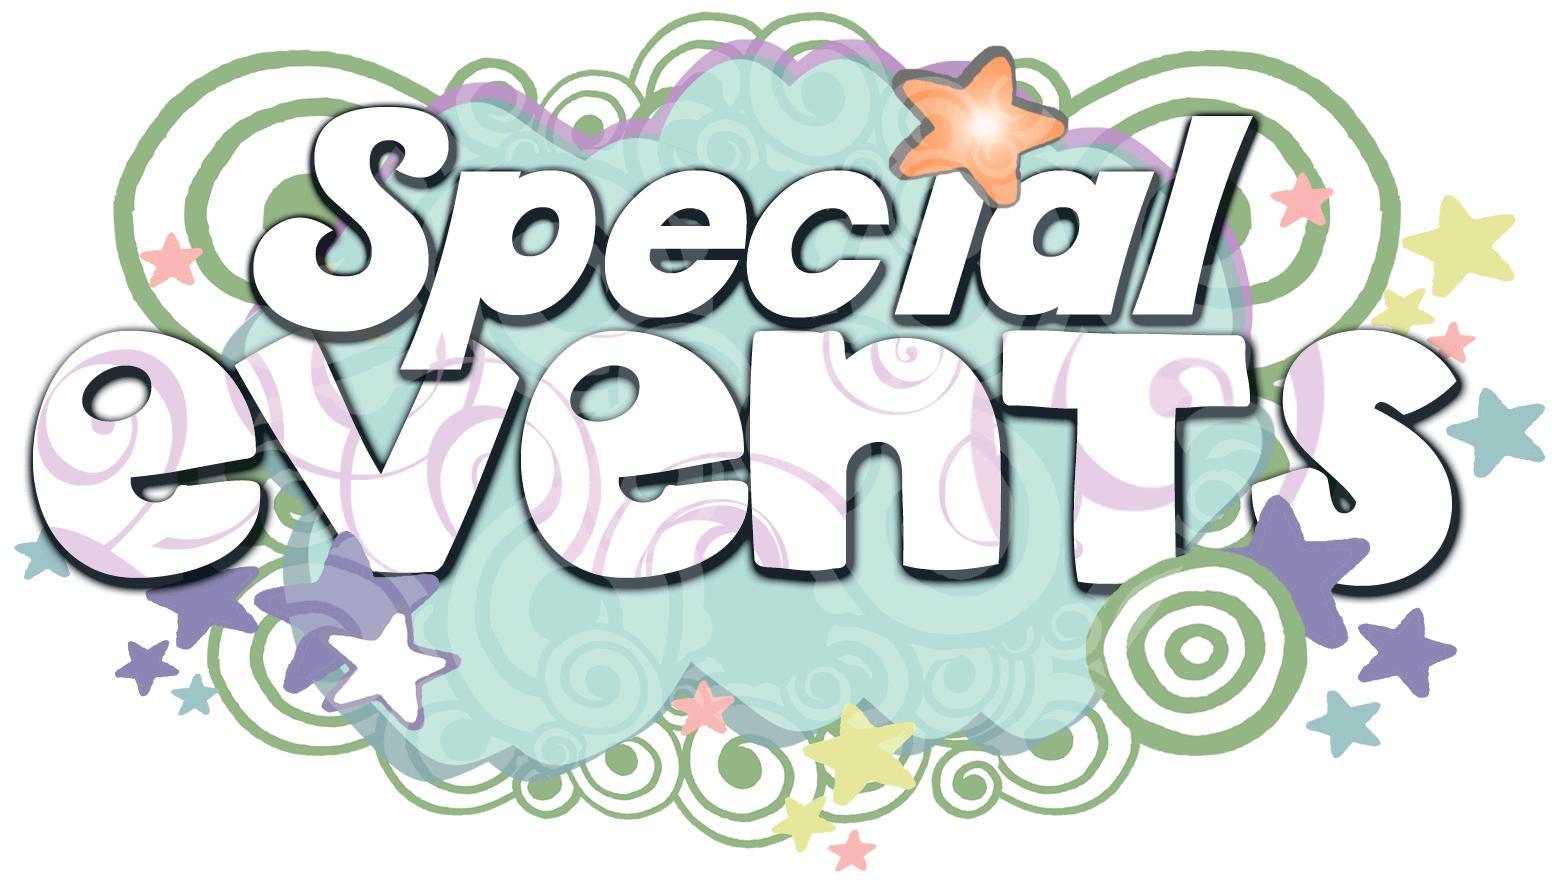 Mark your calendar clipart february jpg royalty free Calendar Of Events Clipart - Clipart Kid jpg royalty free